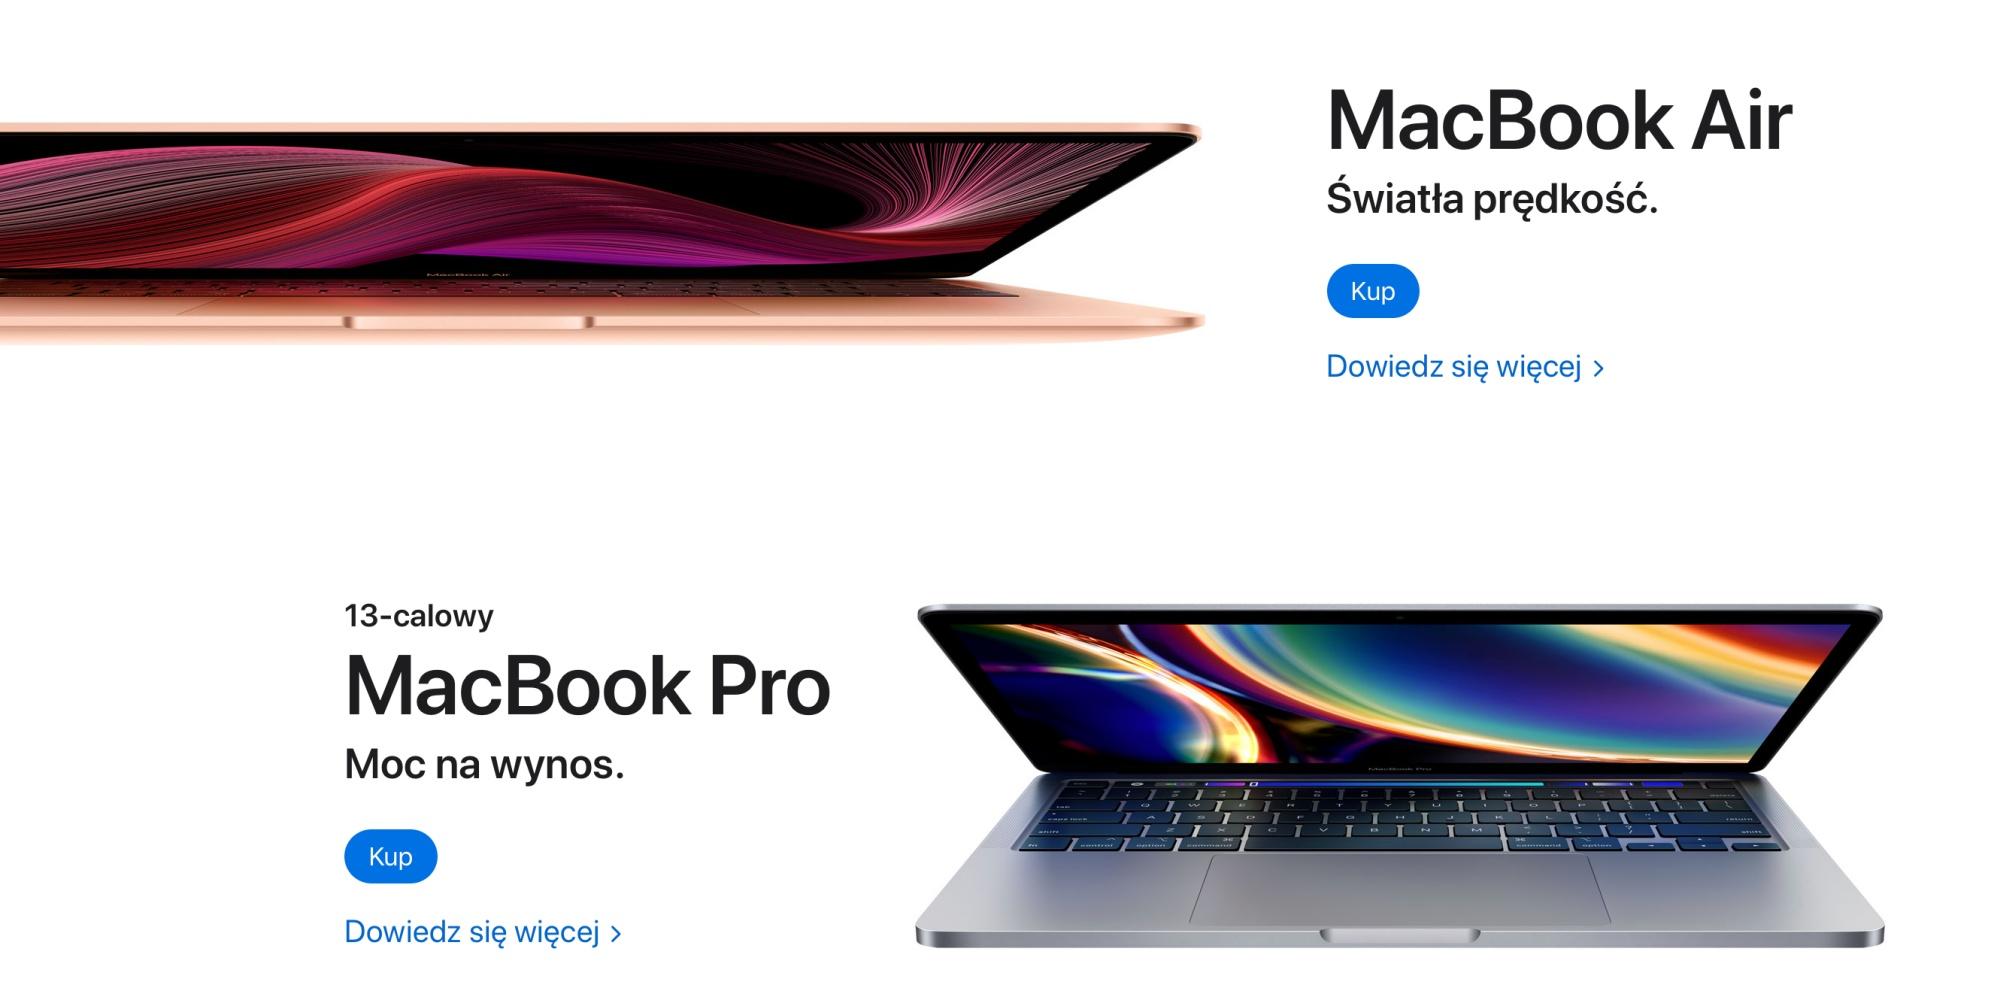 MacBook Air i Pro.